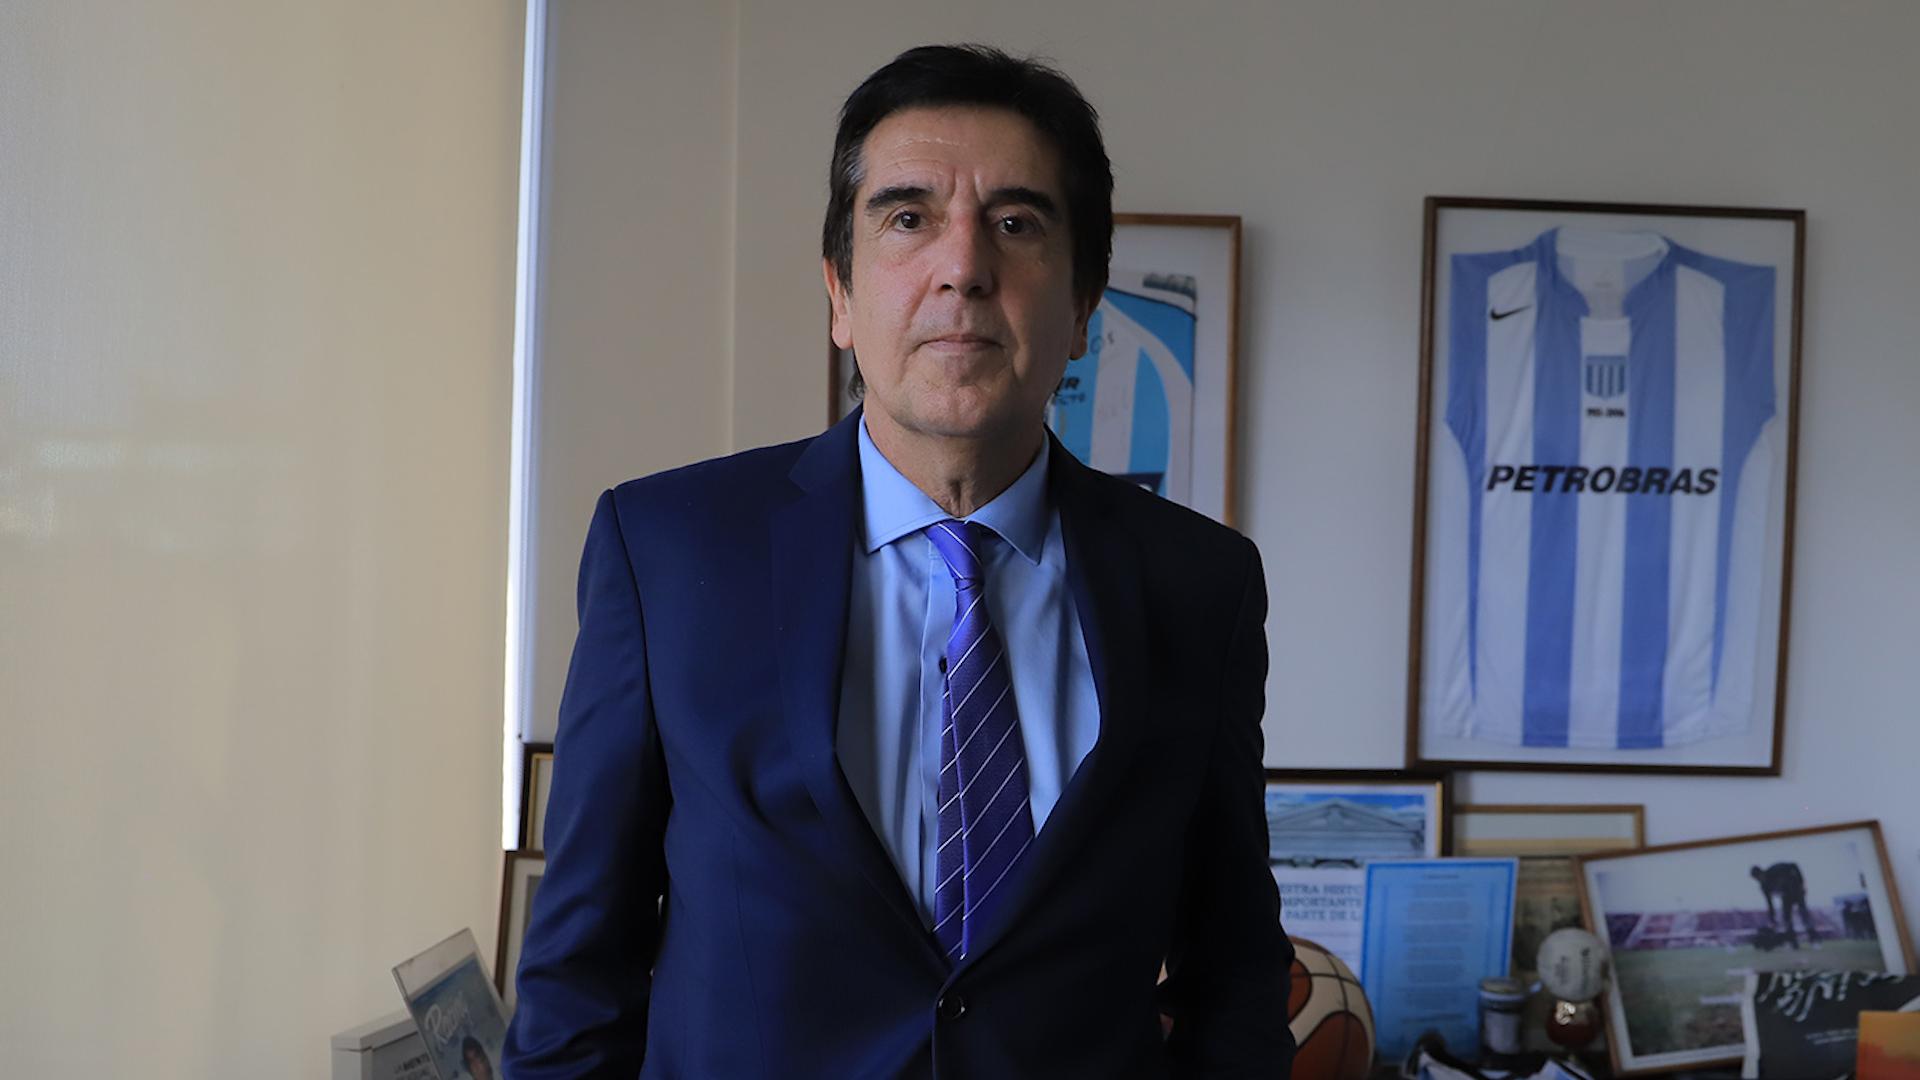 El economista en su oficina del microcentro (Lihuel Althabe)